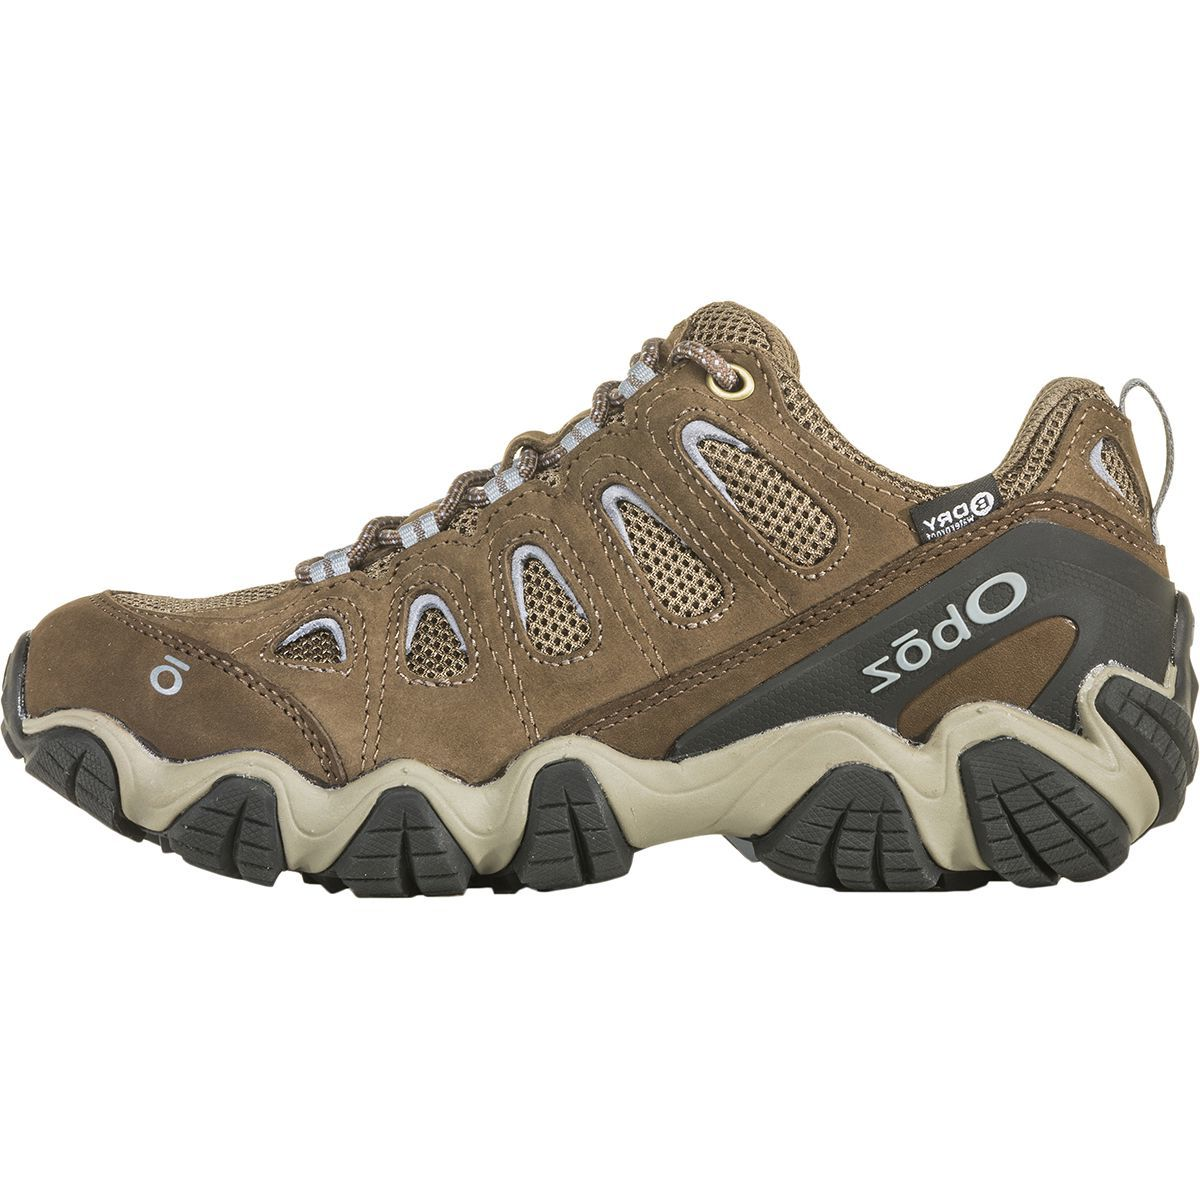 Oboz Sawtooth II Hiking Shoe - Women's